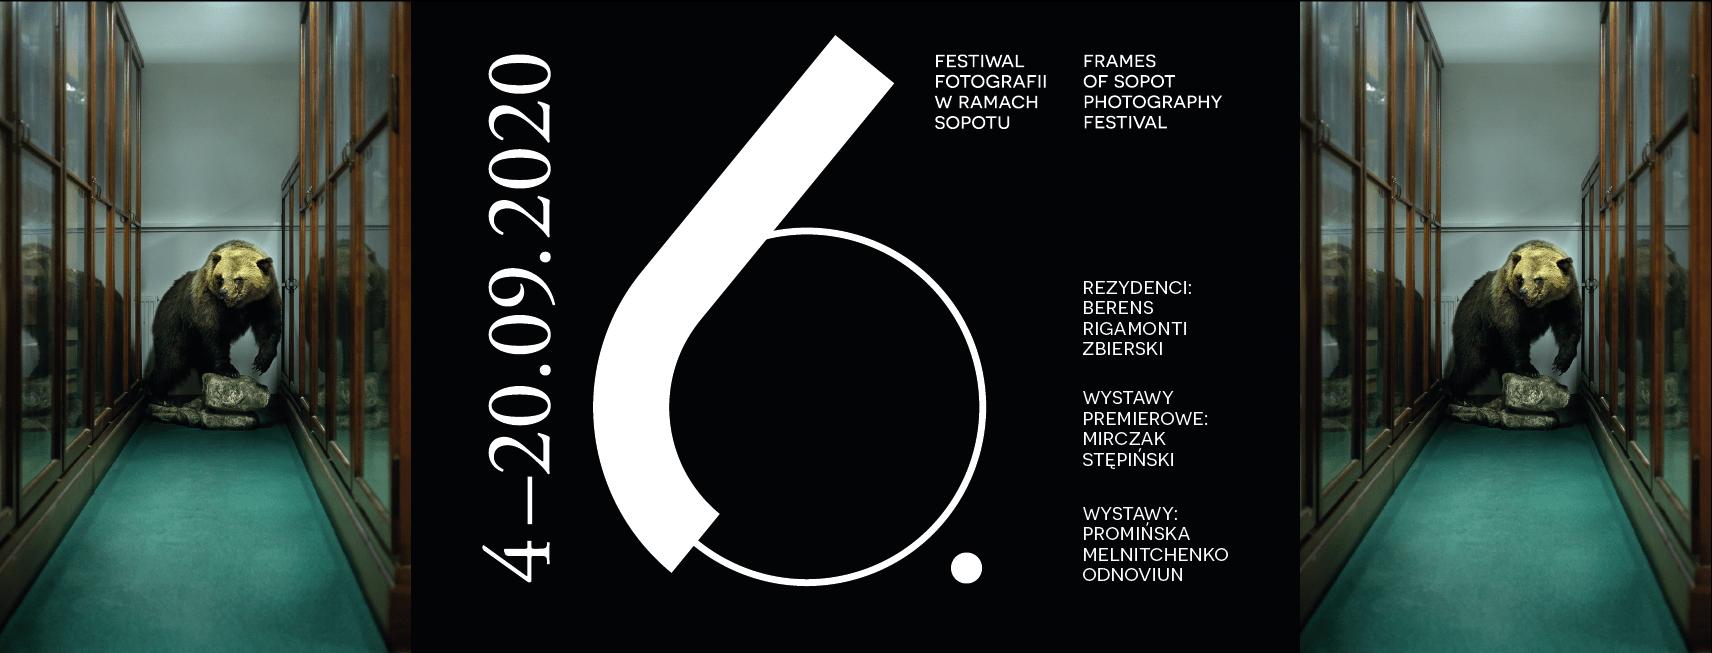 """Plakat Festiwalu Fotografii """"W Ramach Sopotu"""" 6 Edycja"""